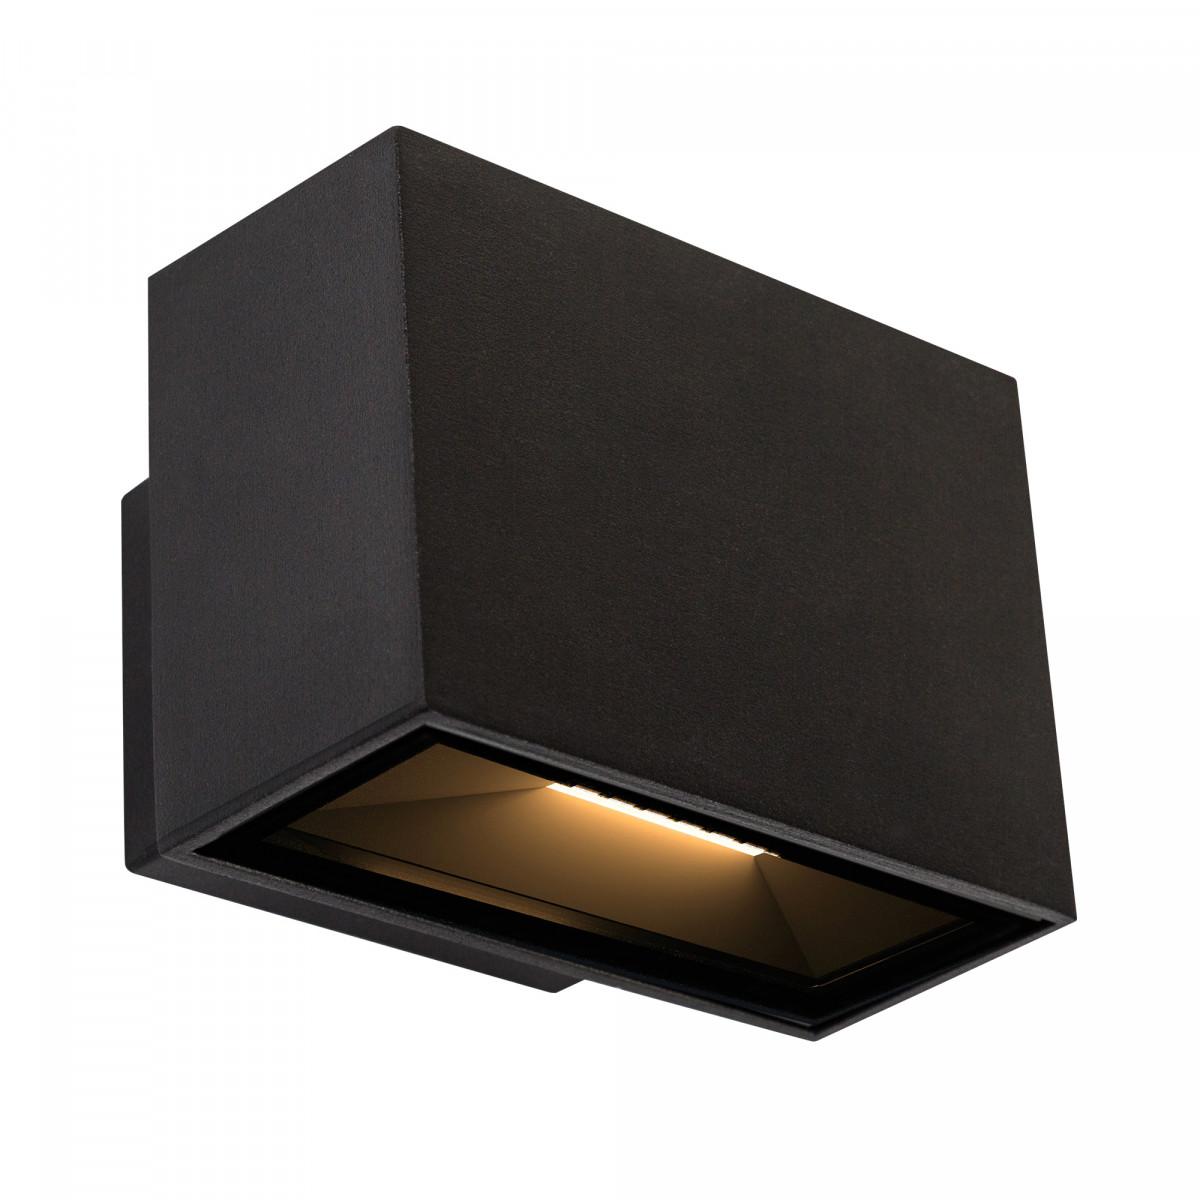 LED Gevelspot Segment Small een prachtige compacte stijlvolle aluminium LED wandspot met zwarte finish, weerbestendig en duurzame buitenverlichting van KS Verlichting